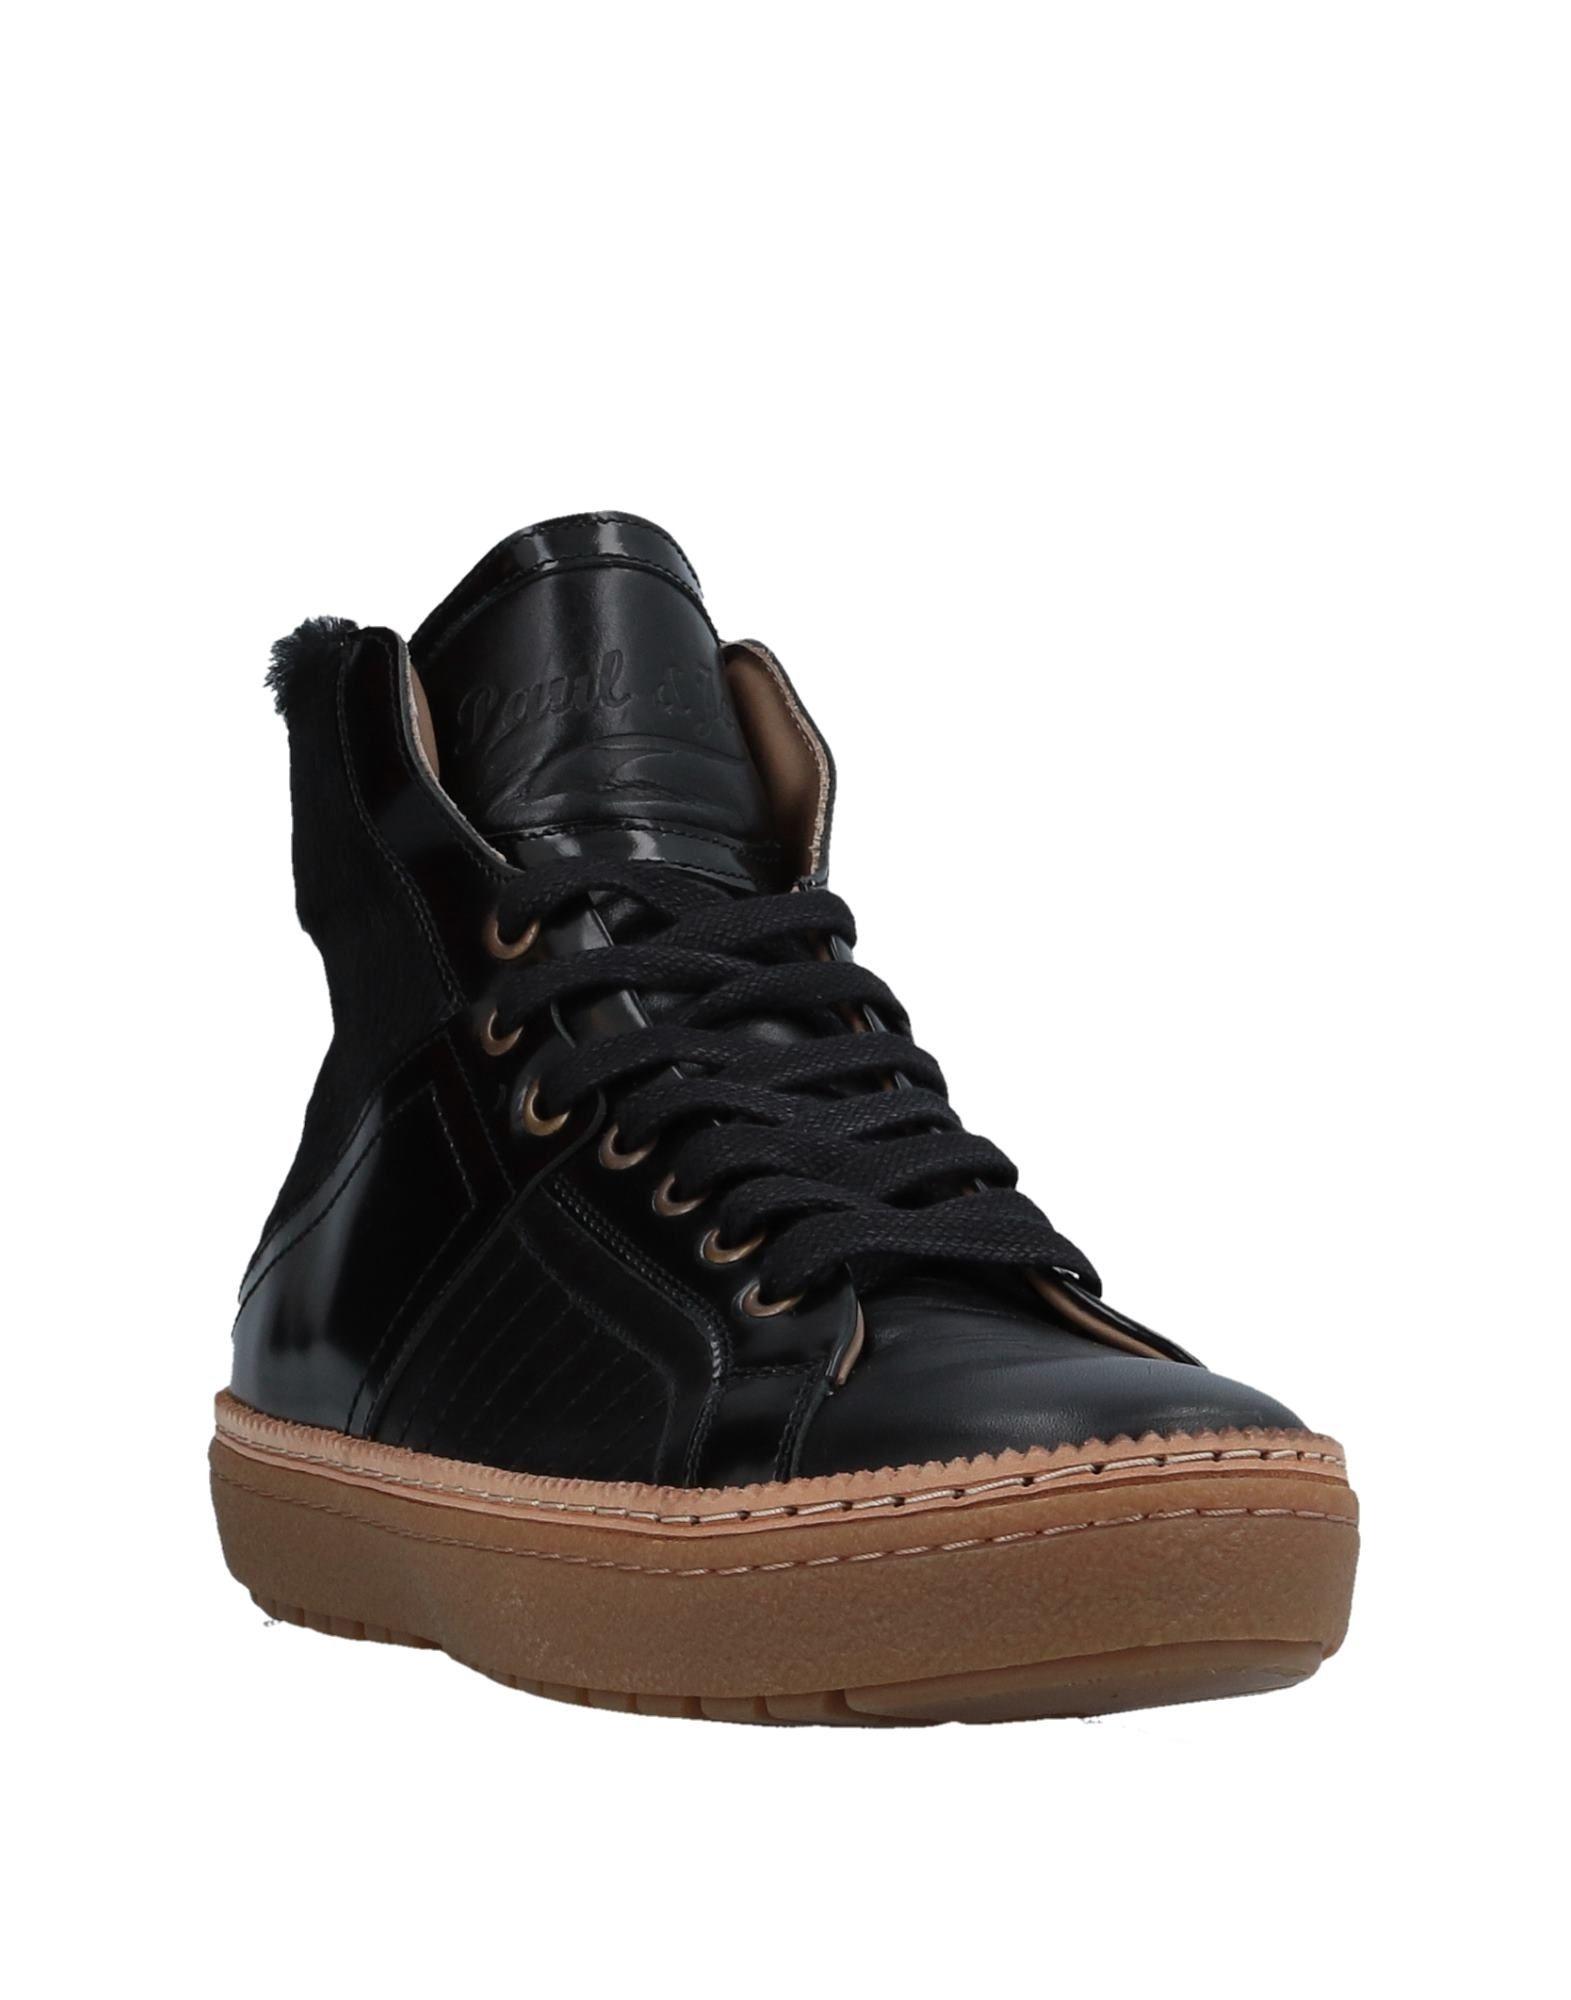 Paul & Herren Joe Sneakers Herren &  11509424GB eca305